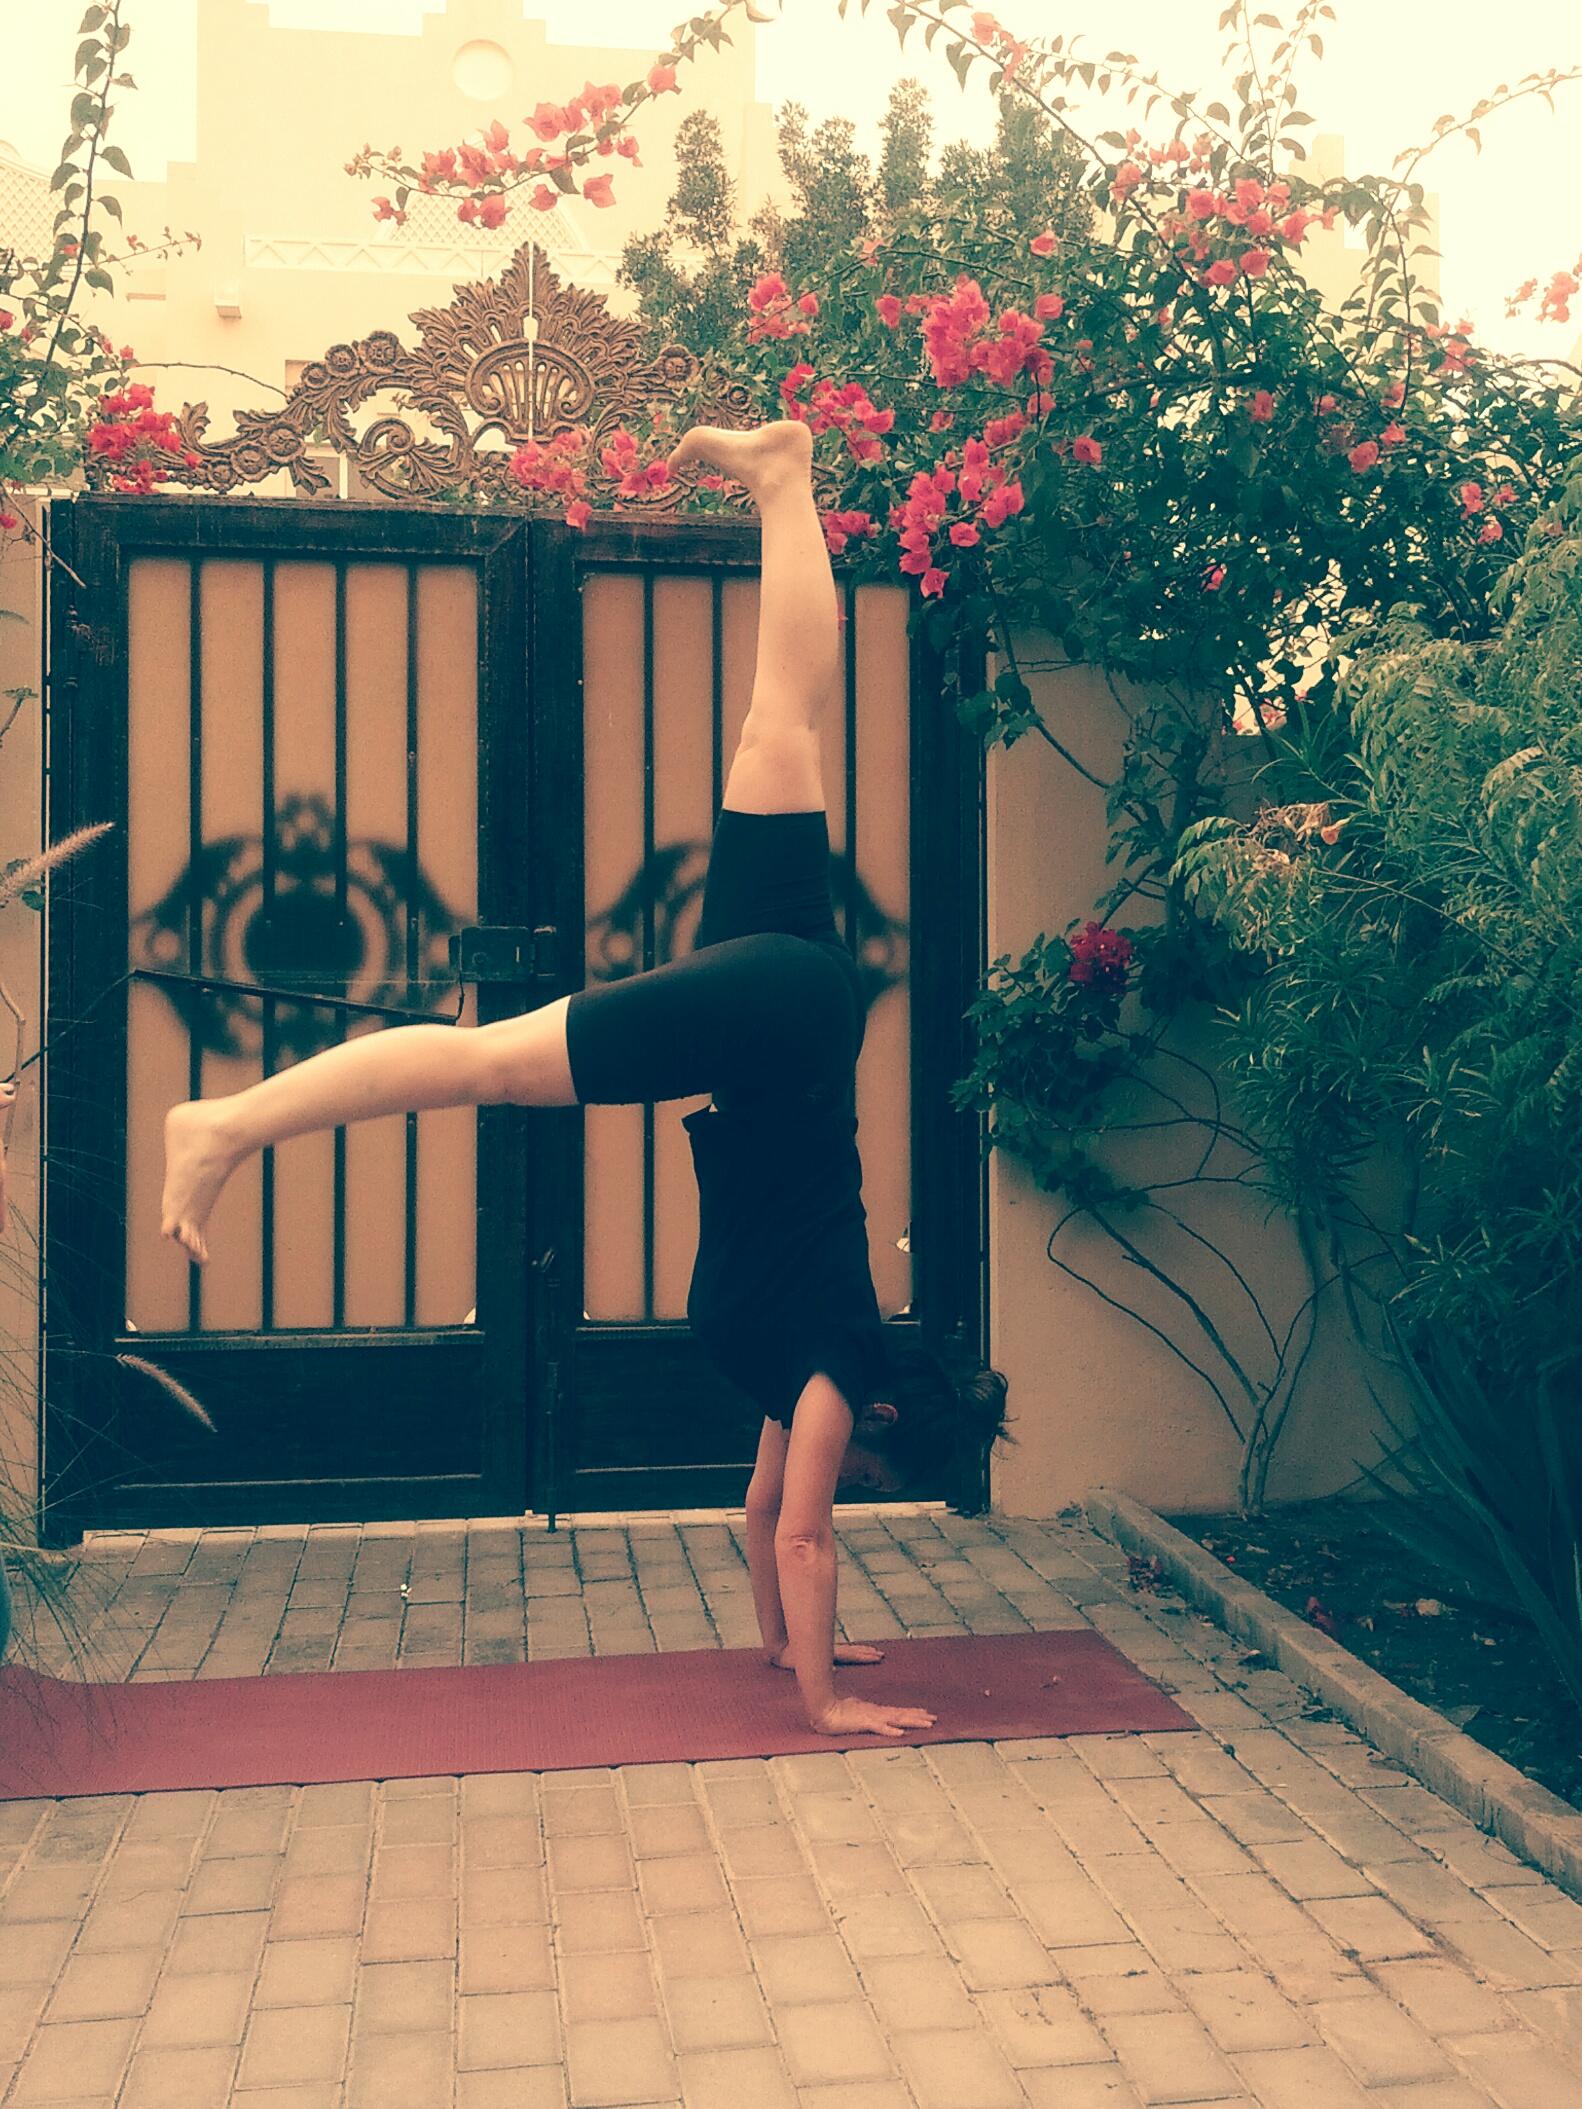 Adho Muhka Vrksasana - Arm balance